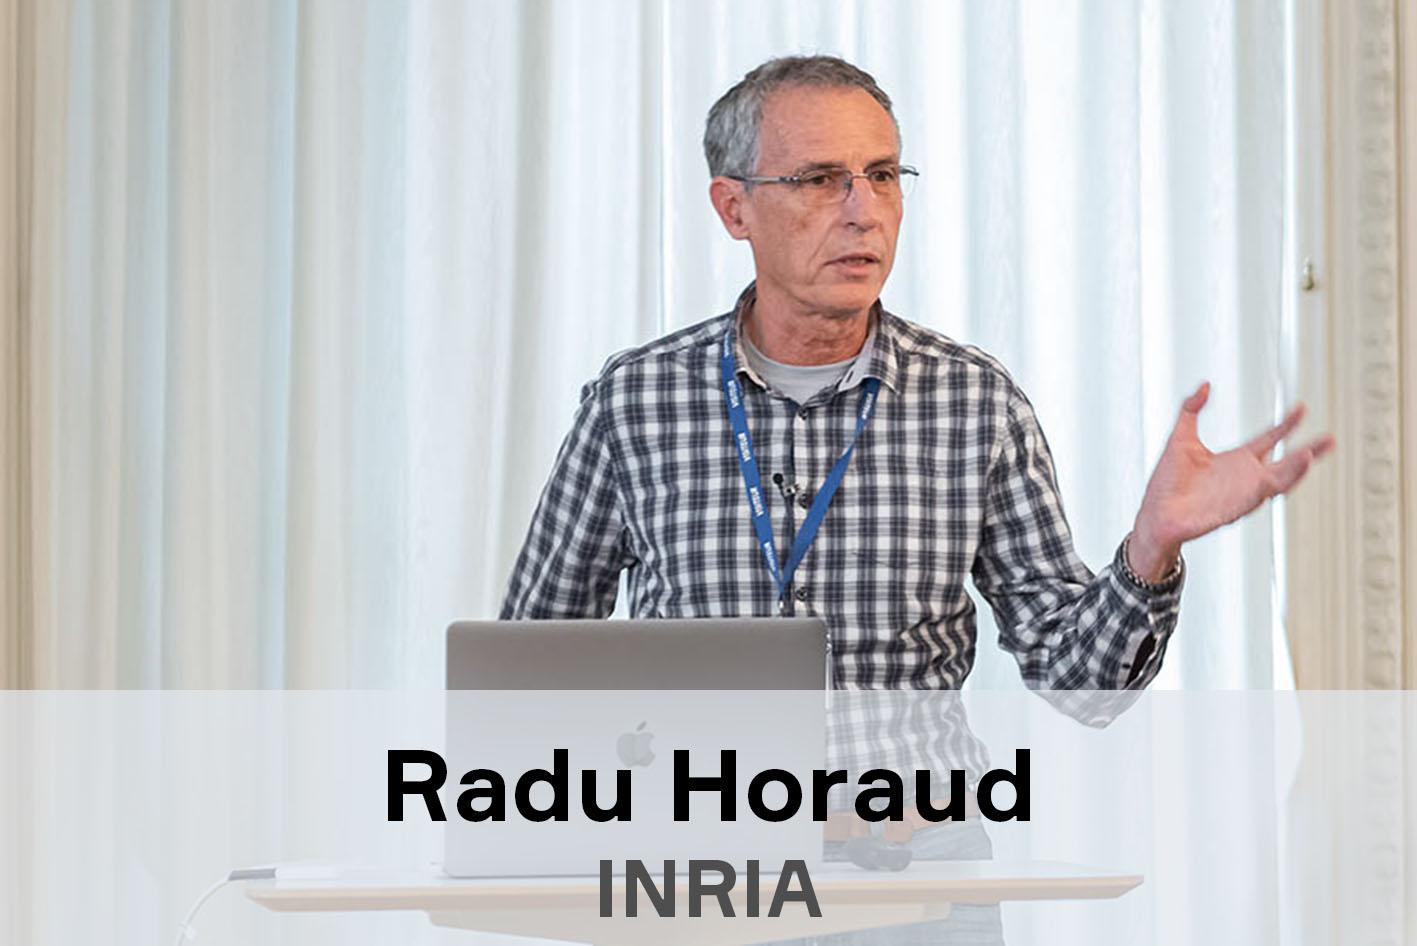 Radu Horaud